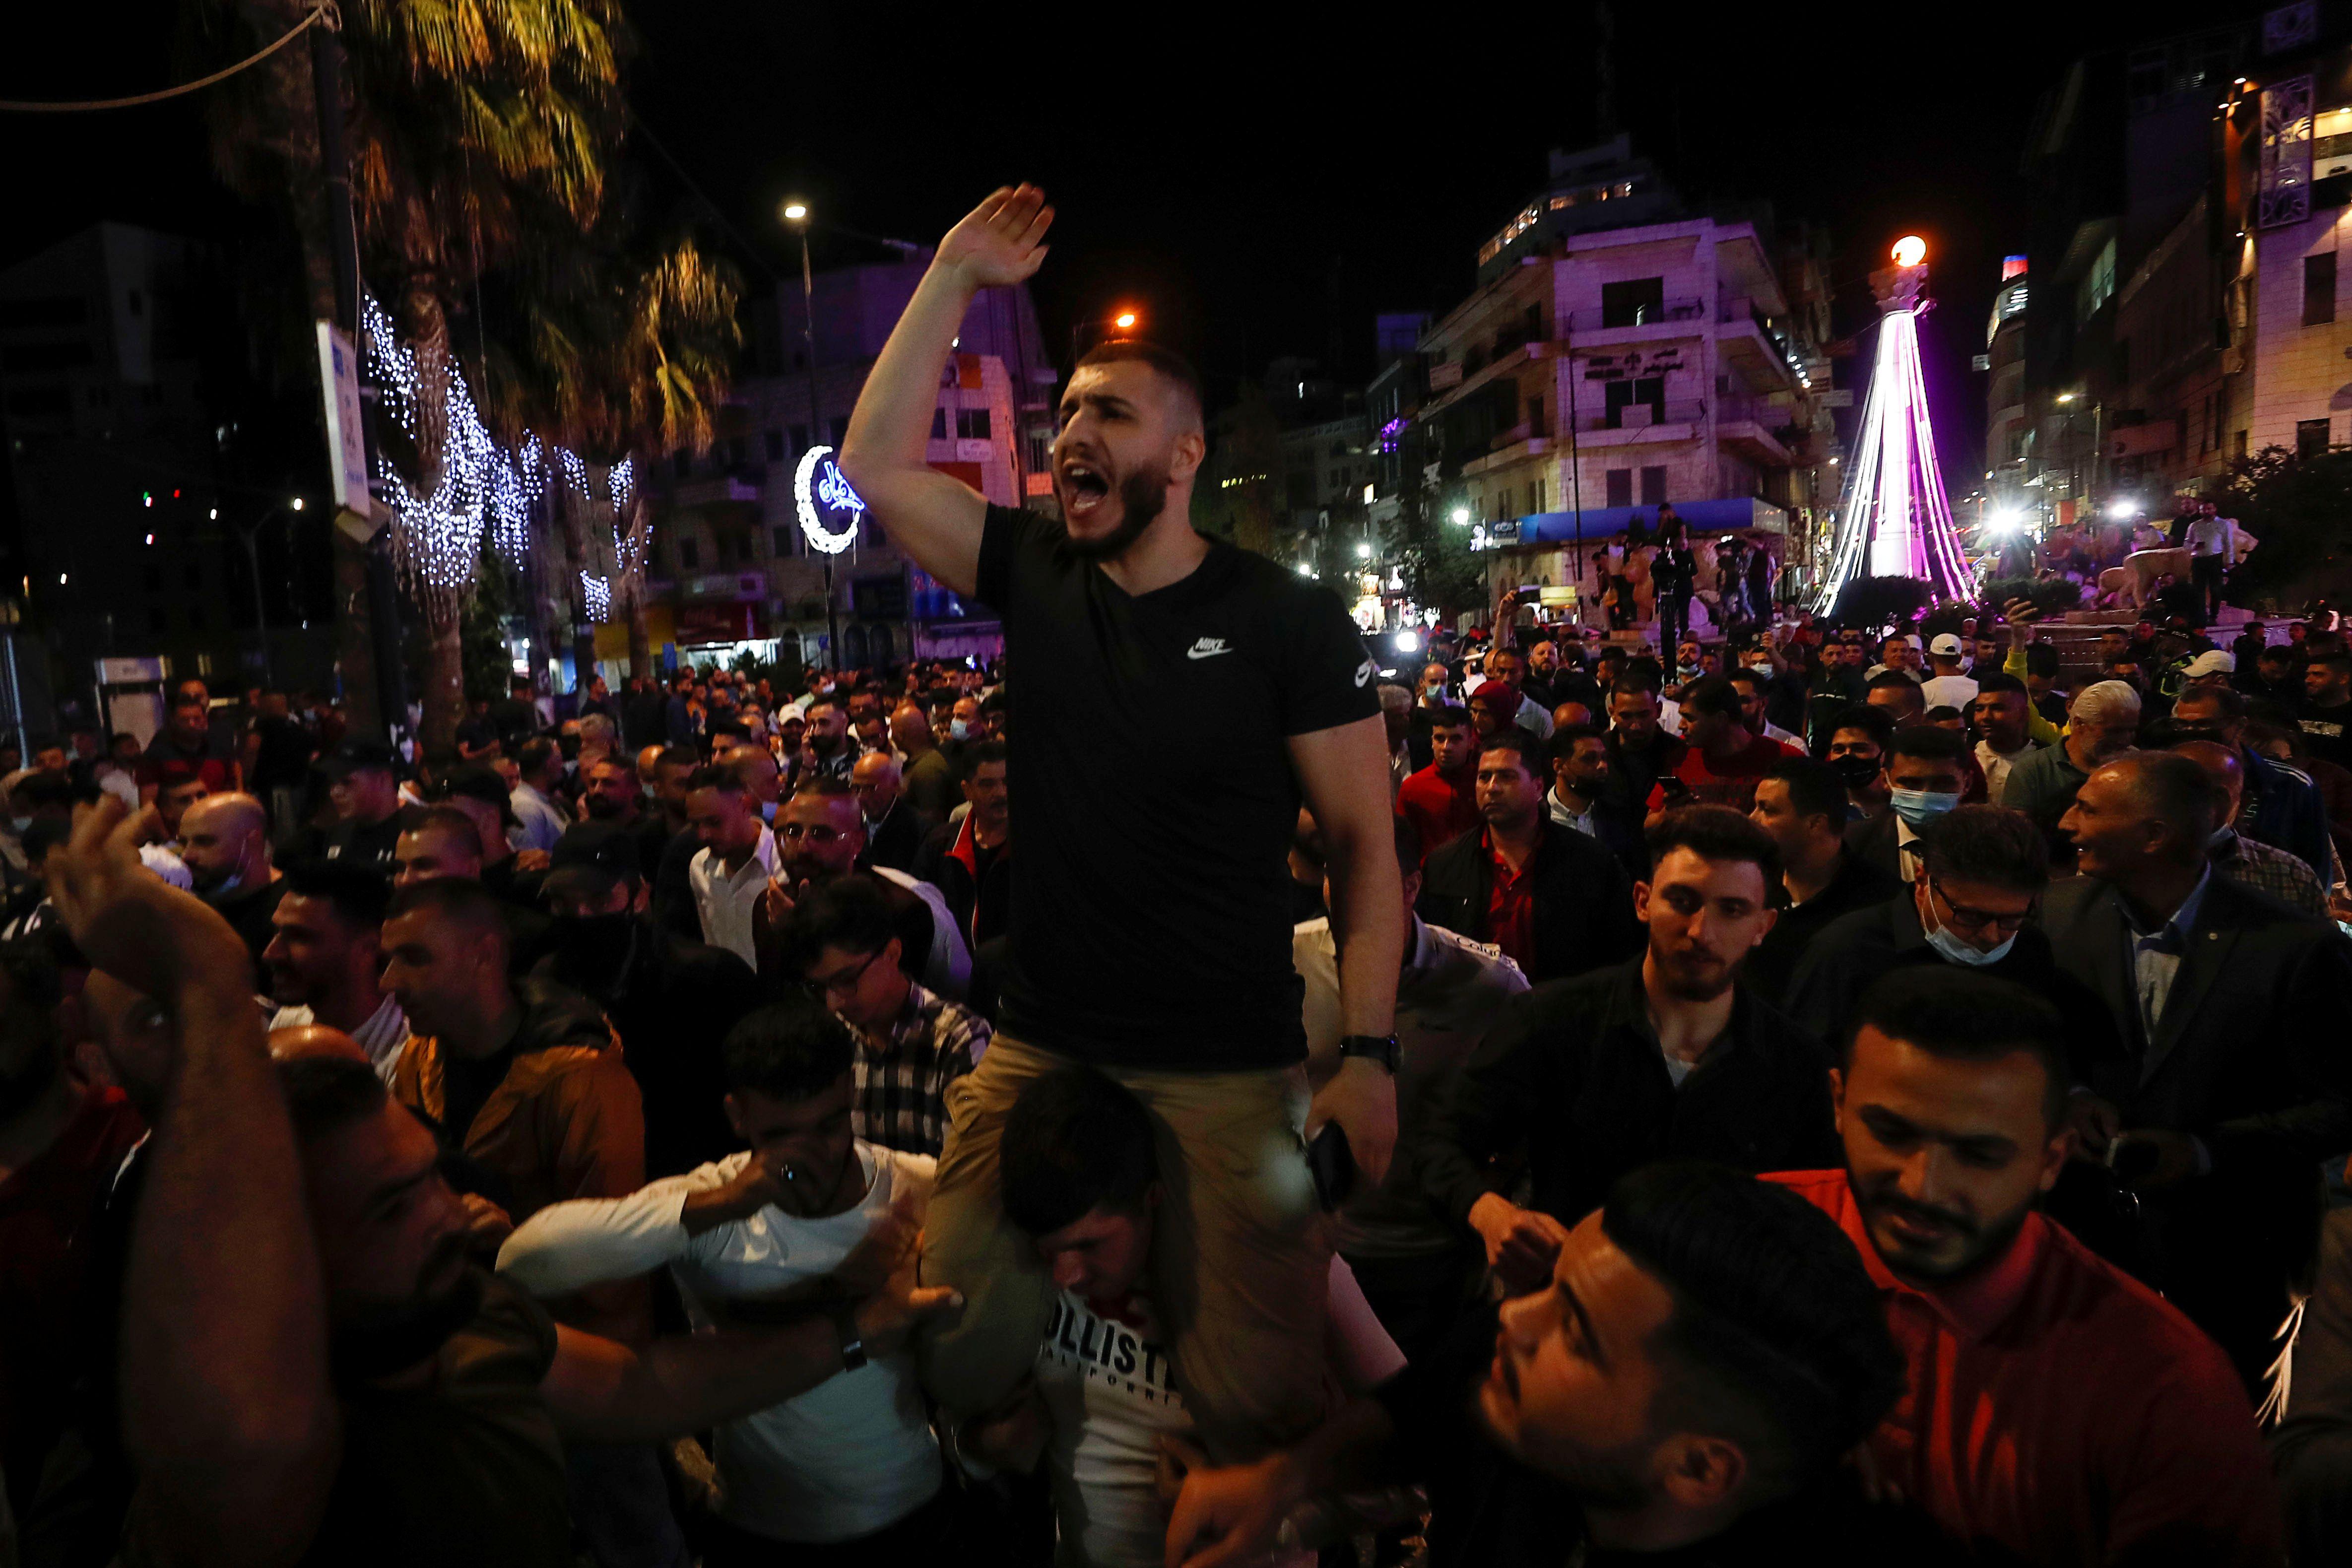 Los palestinos participan en una manifestación para exigir al presidente Mahmud Abbas que celebre las elecciones en el plazo previsto, en Ramallah, Cisjordania, el 29 de abril de 2021. REUTERS/Mohamad Torokman